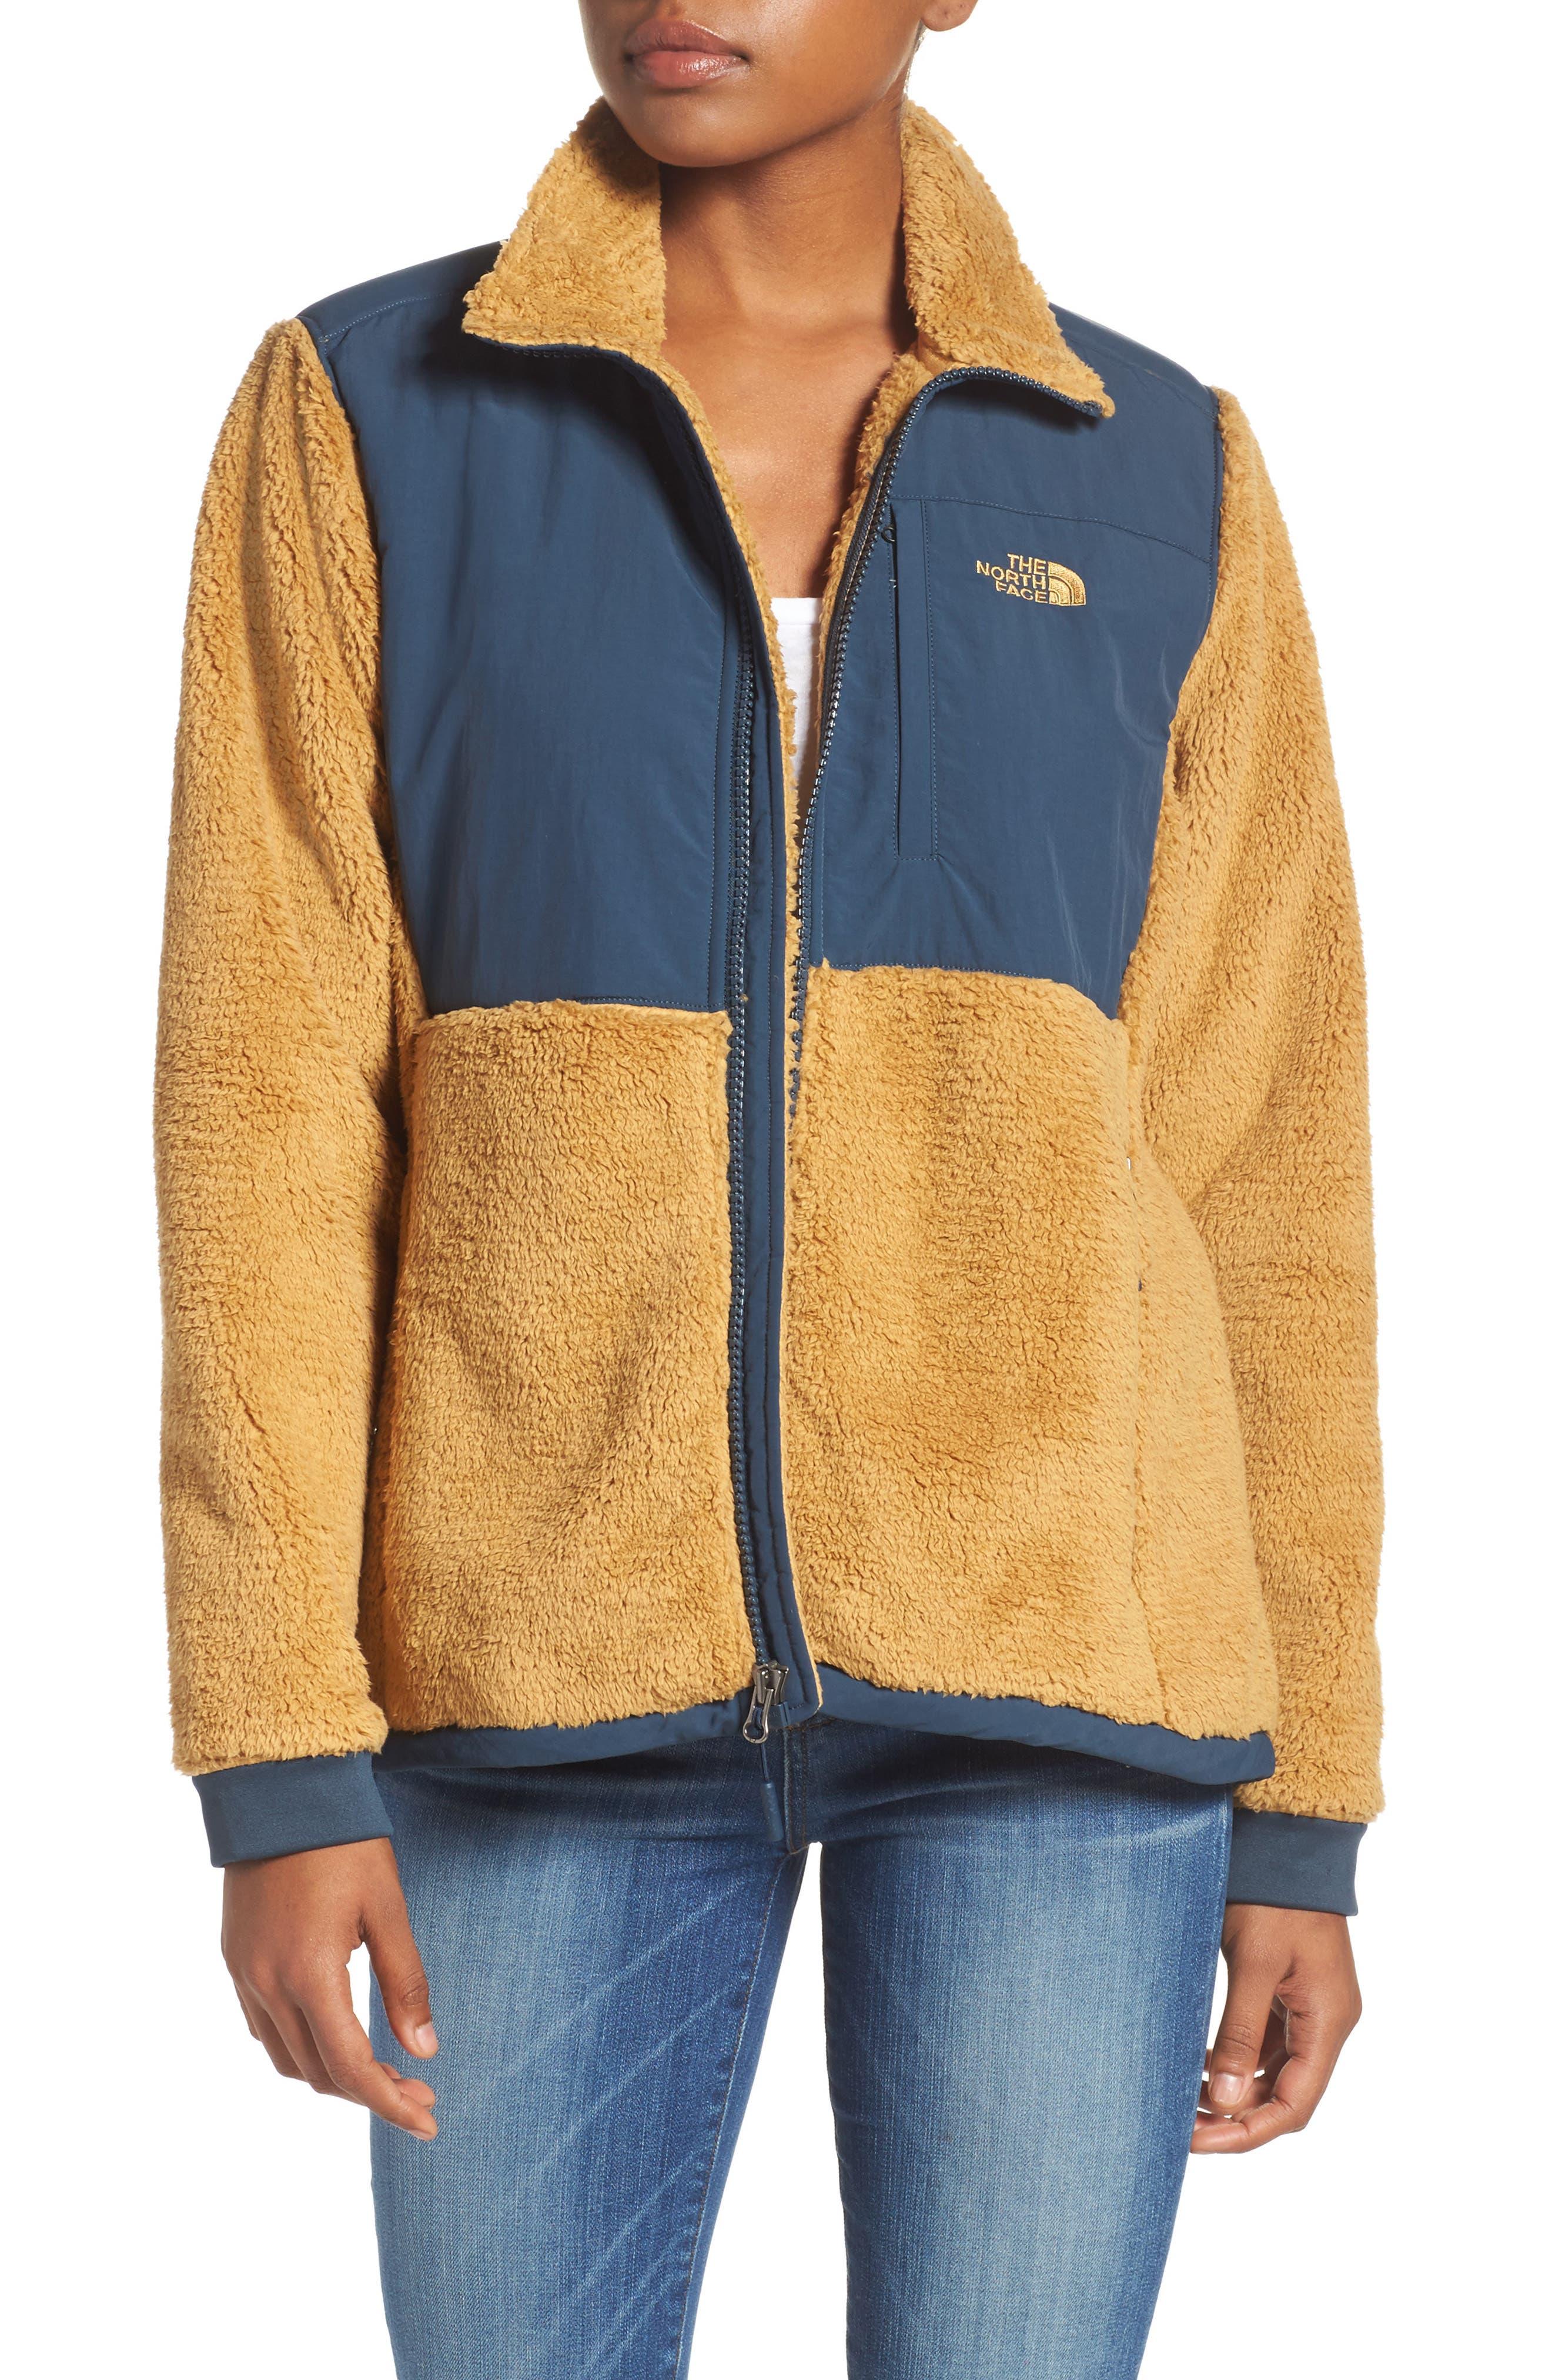 Novelty Denali Fleece Jacket,                         Main,                         color, Biscuit Tan/ Ink Blue